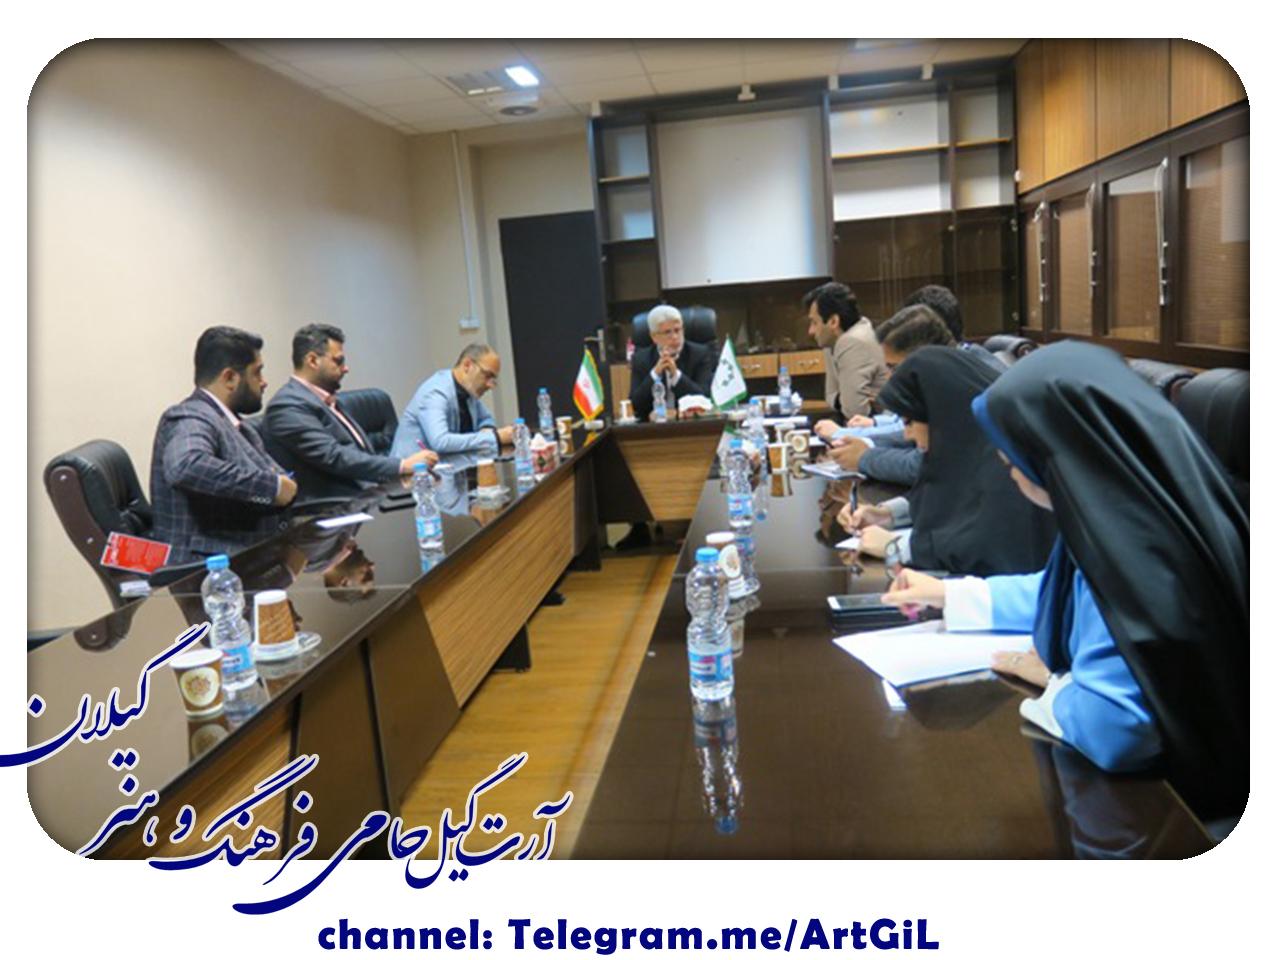 گزارش تصویری نشست برنامه ریزی فعالیتهای پیش روفرهنگی شهرداری رشت